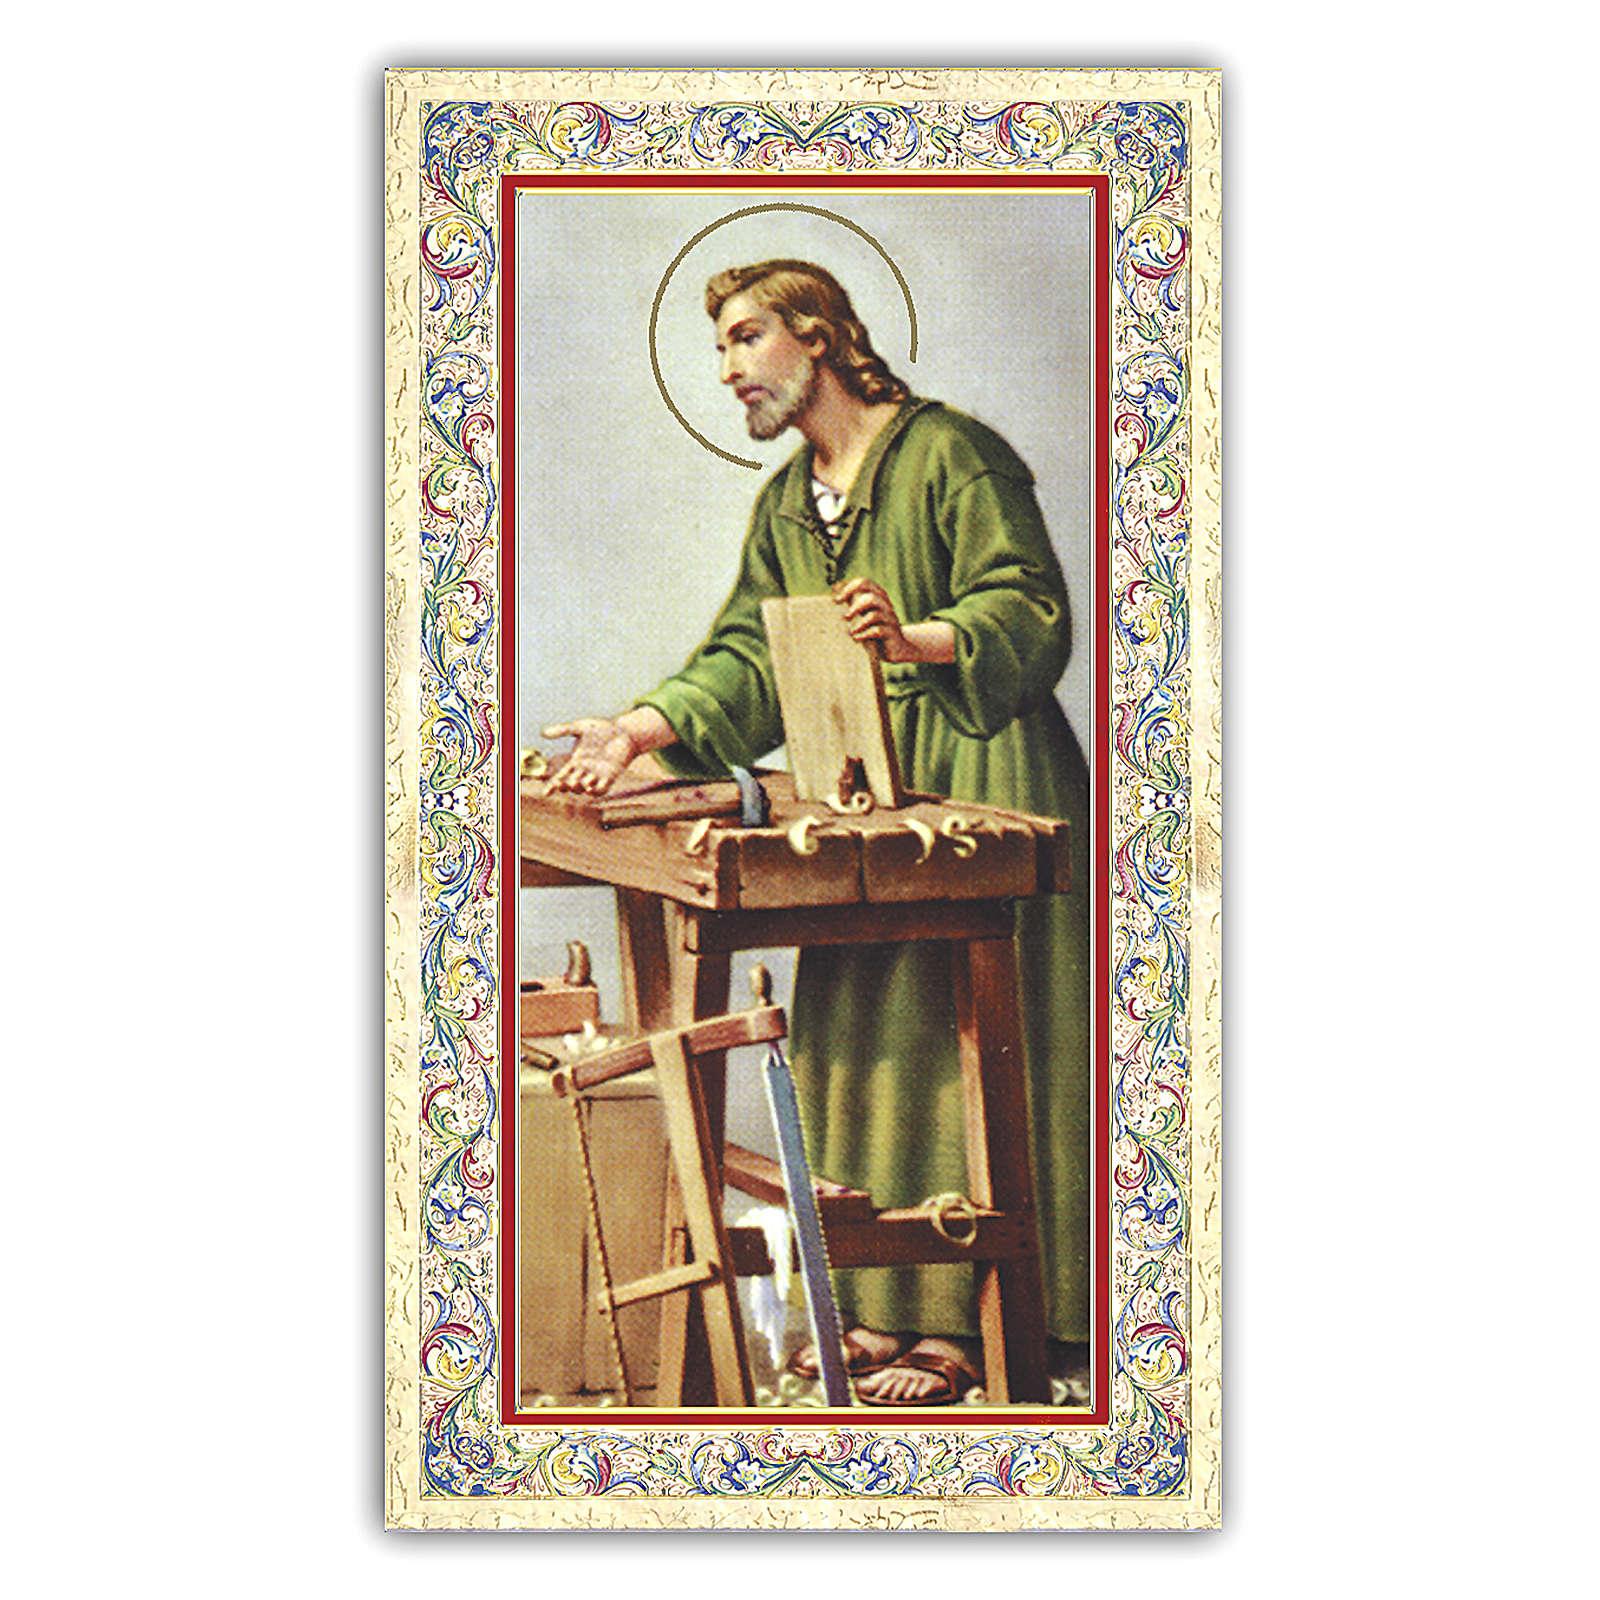 Santino San Giuseppe al banco di lavoro 10x5 cm ITA 4